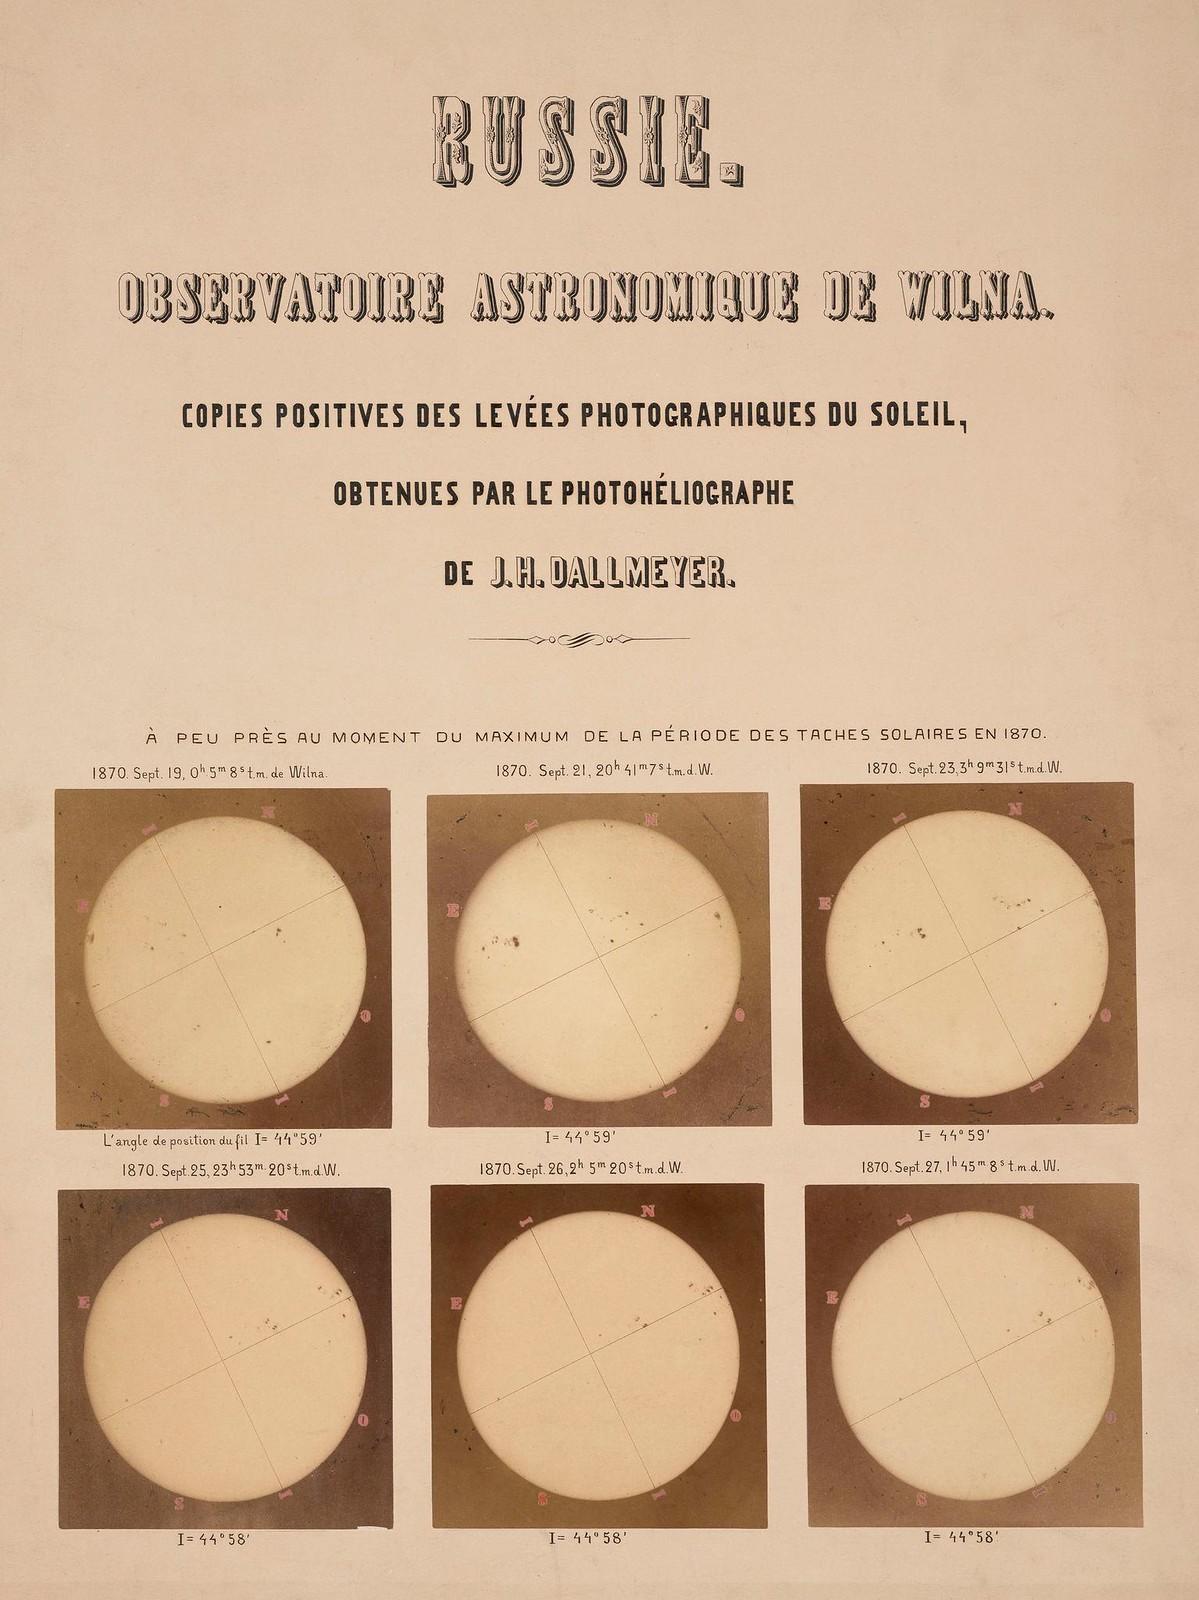 Солнце, сфотографированное гелиографом Далльмайера, Вильна, 1870